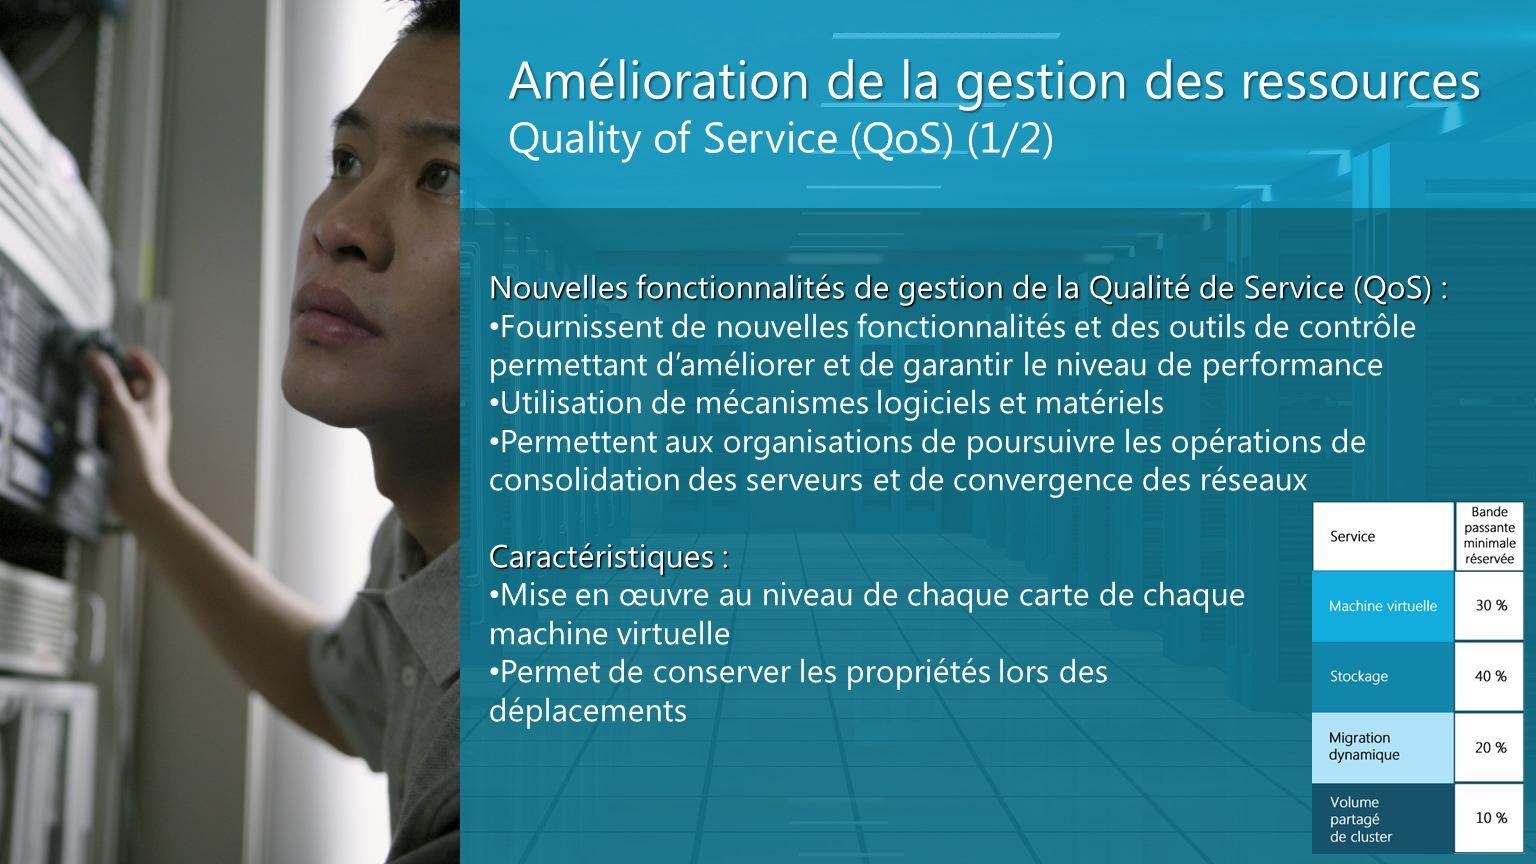 Amélioration de la gestion des ressources Quality of Service (QoS) (1/2) Nouvelles fonctionnalités de gestion de la Qualité de Service (QoS) : Fournis